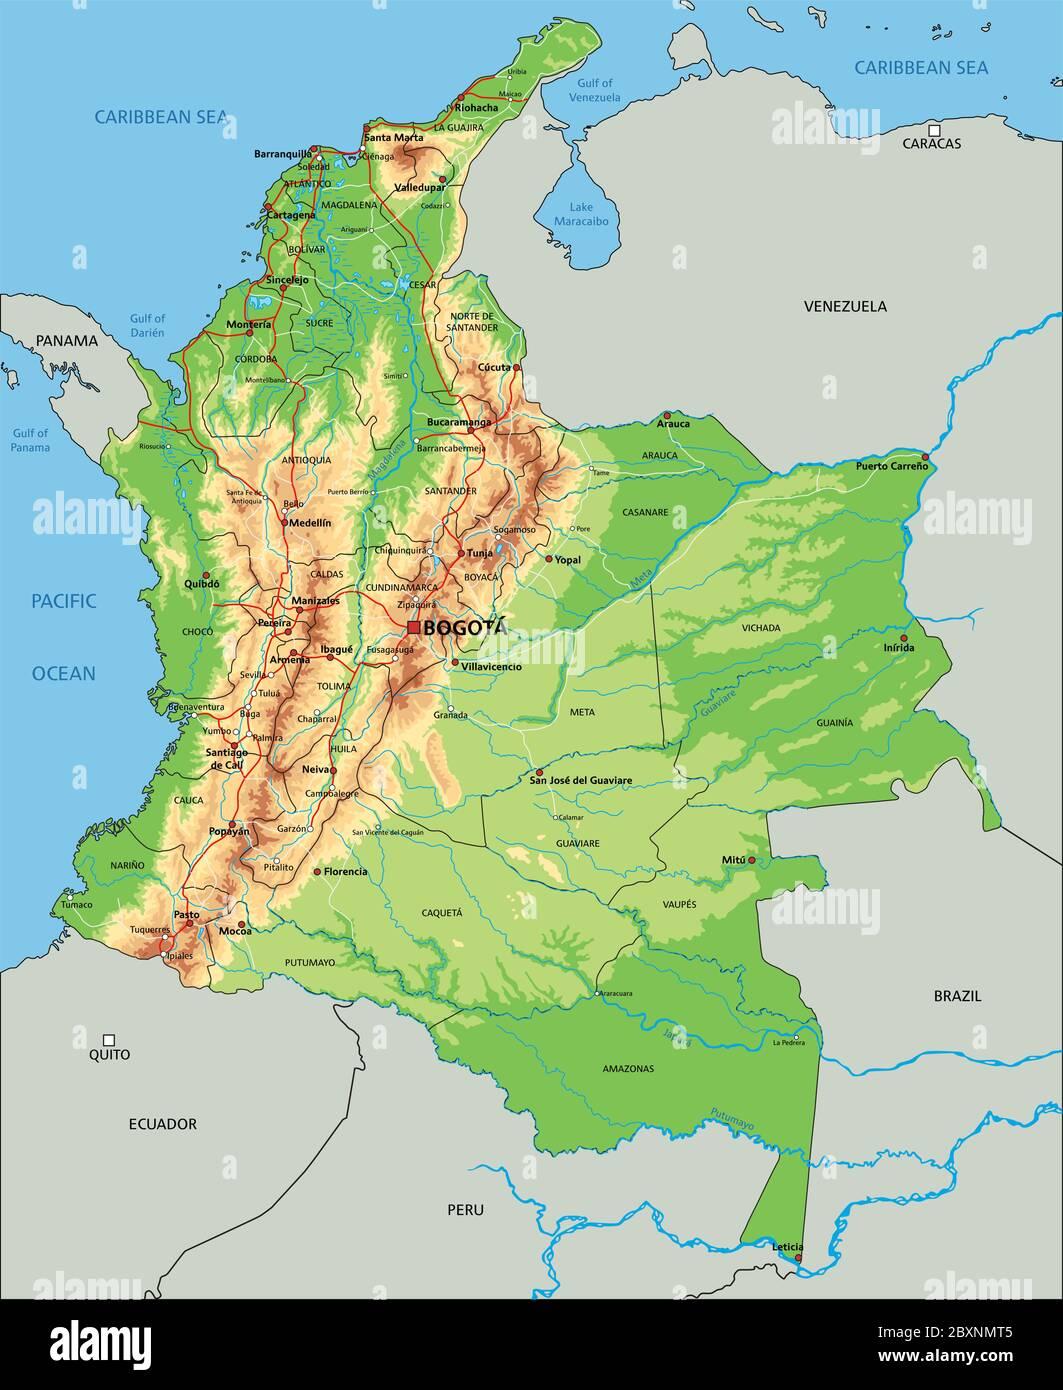 Cartina Fisica America Latina.Mappa Fisica Della Colombia In Alto Dettaglio Immagine E Vettoriale Alamy